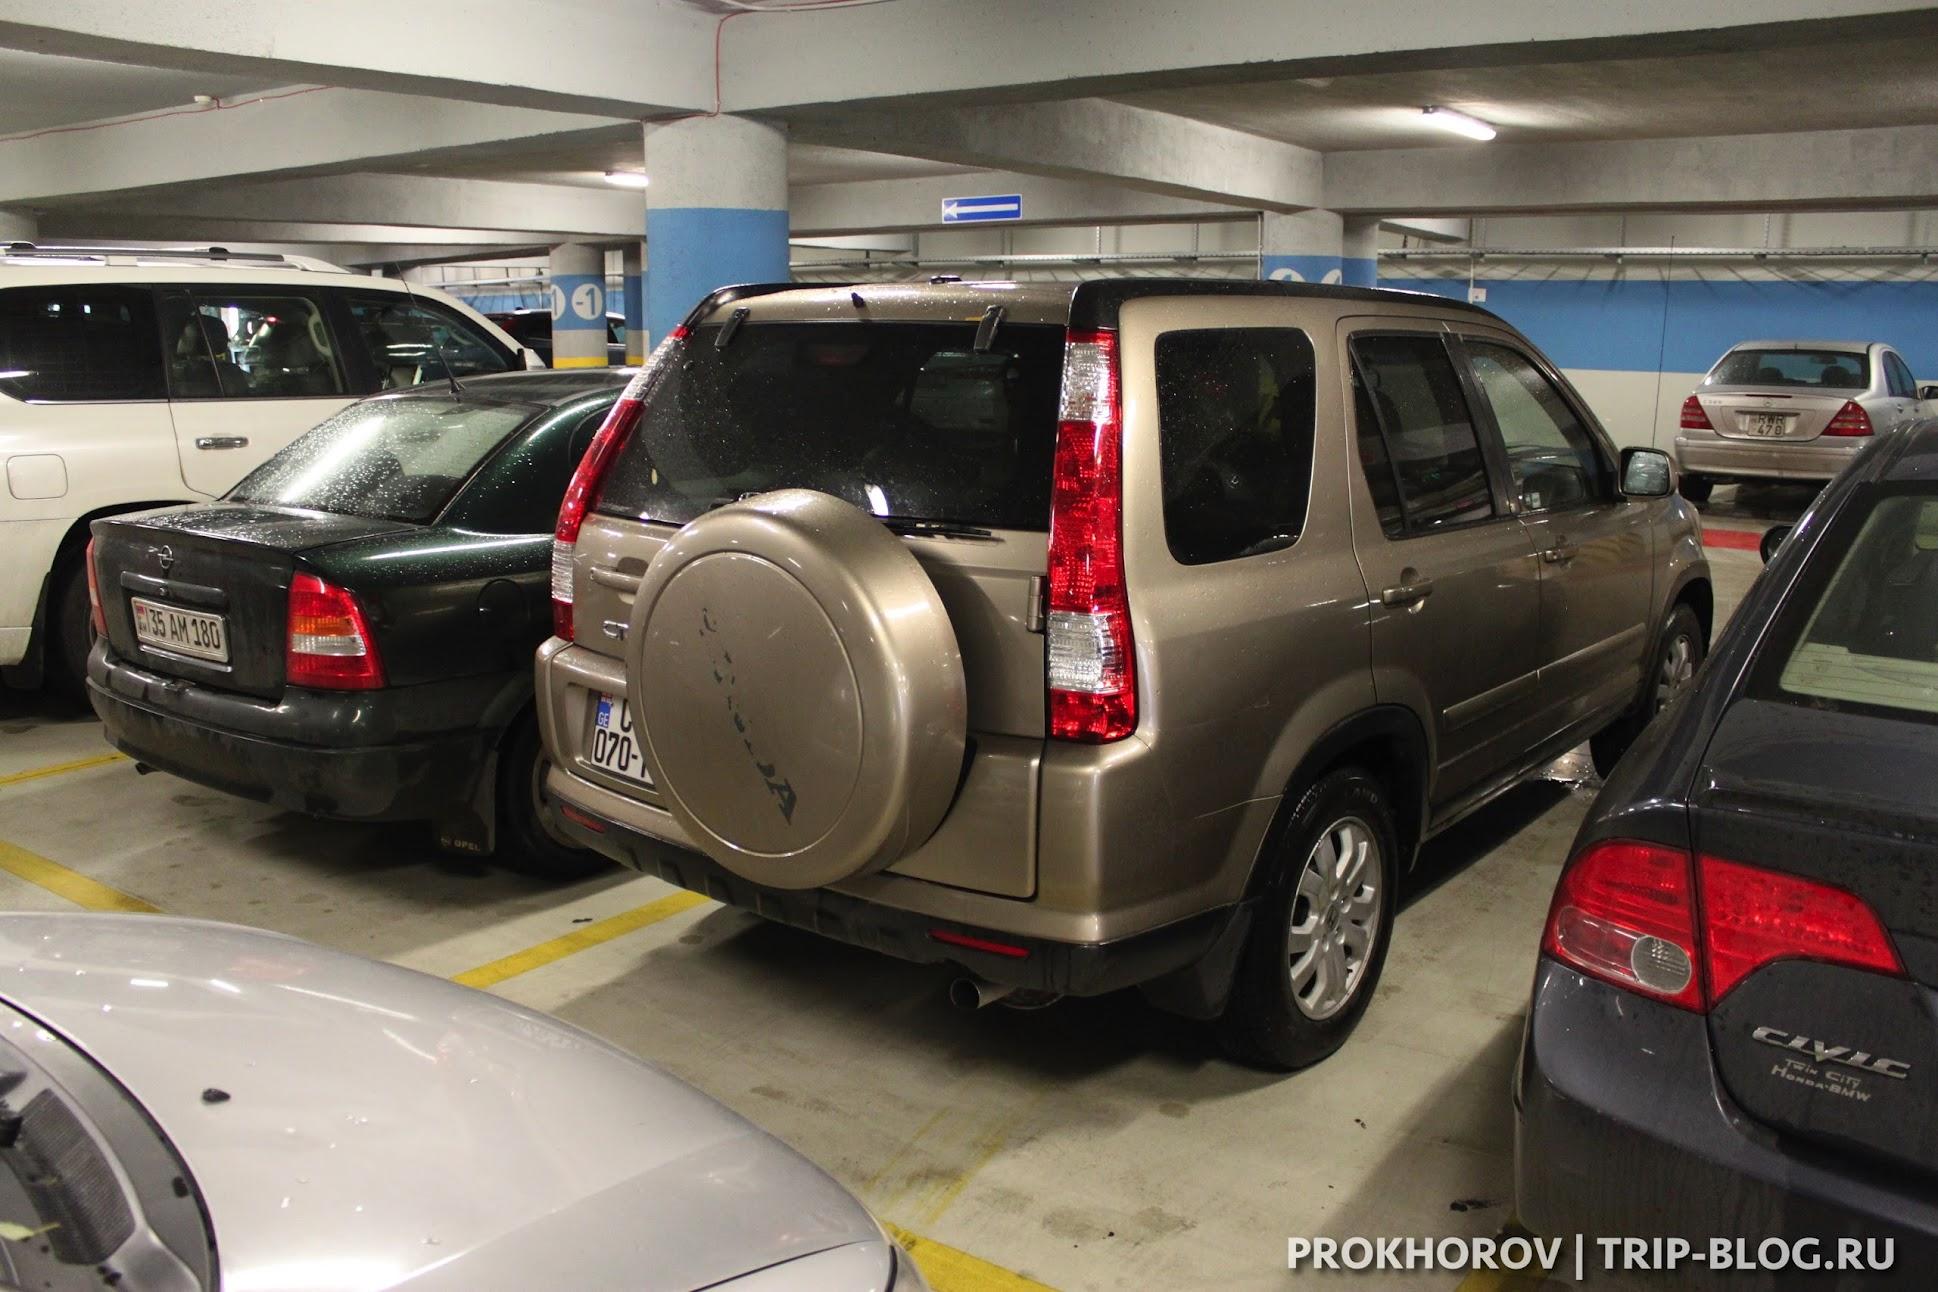 аренда авто в тбилиси - царапинка на крыле